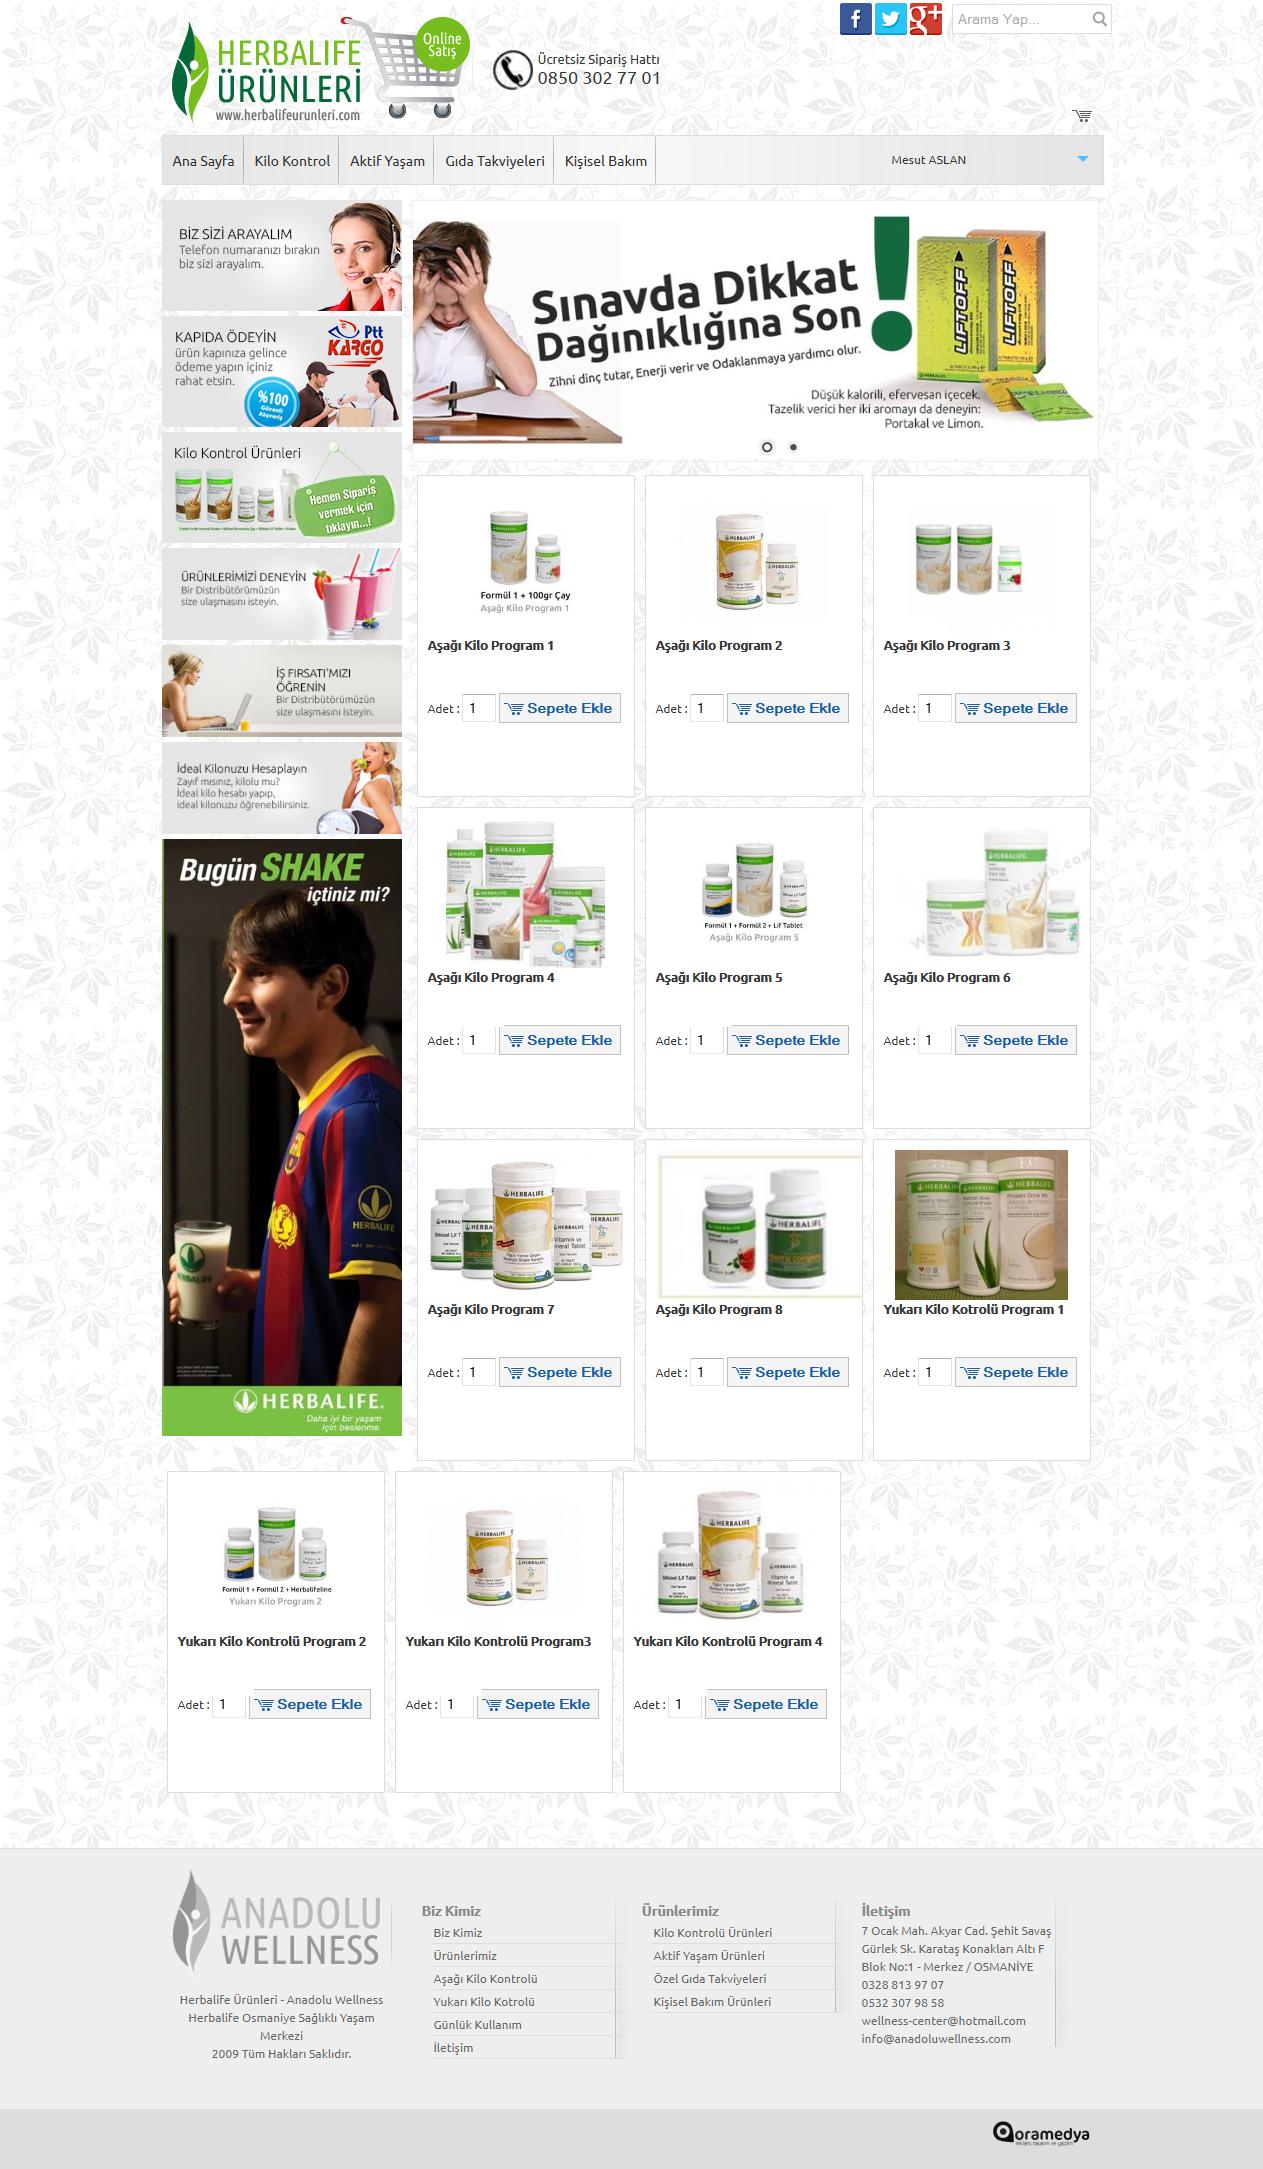 Herbalife Ürünleri Online Satış Sitesi Web Tasarım